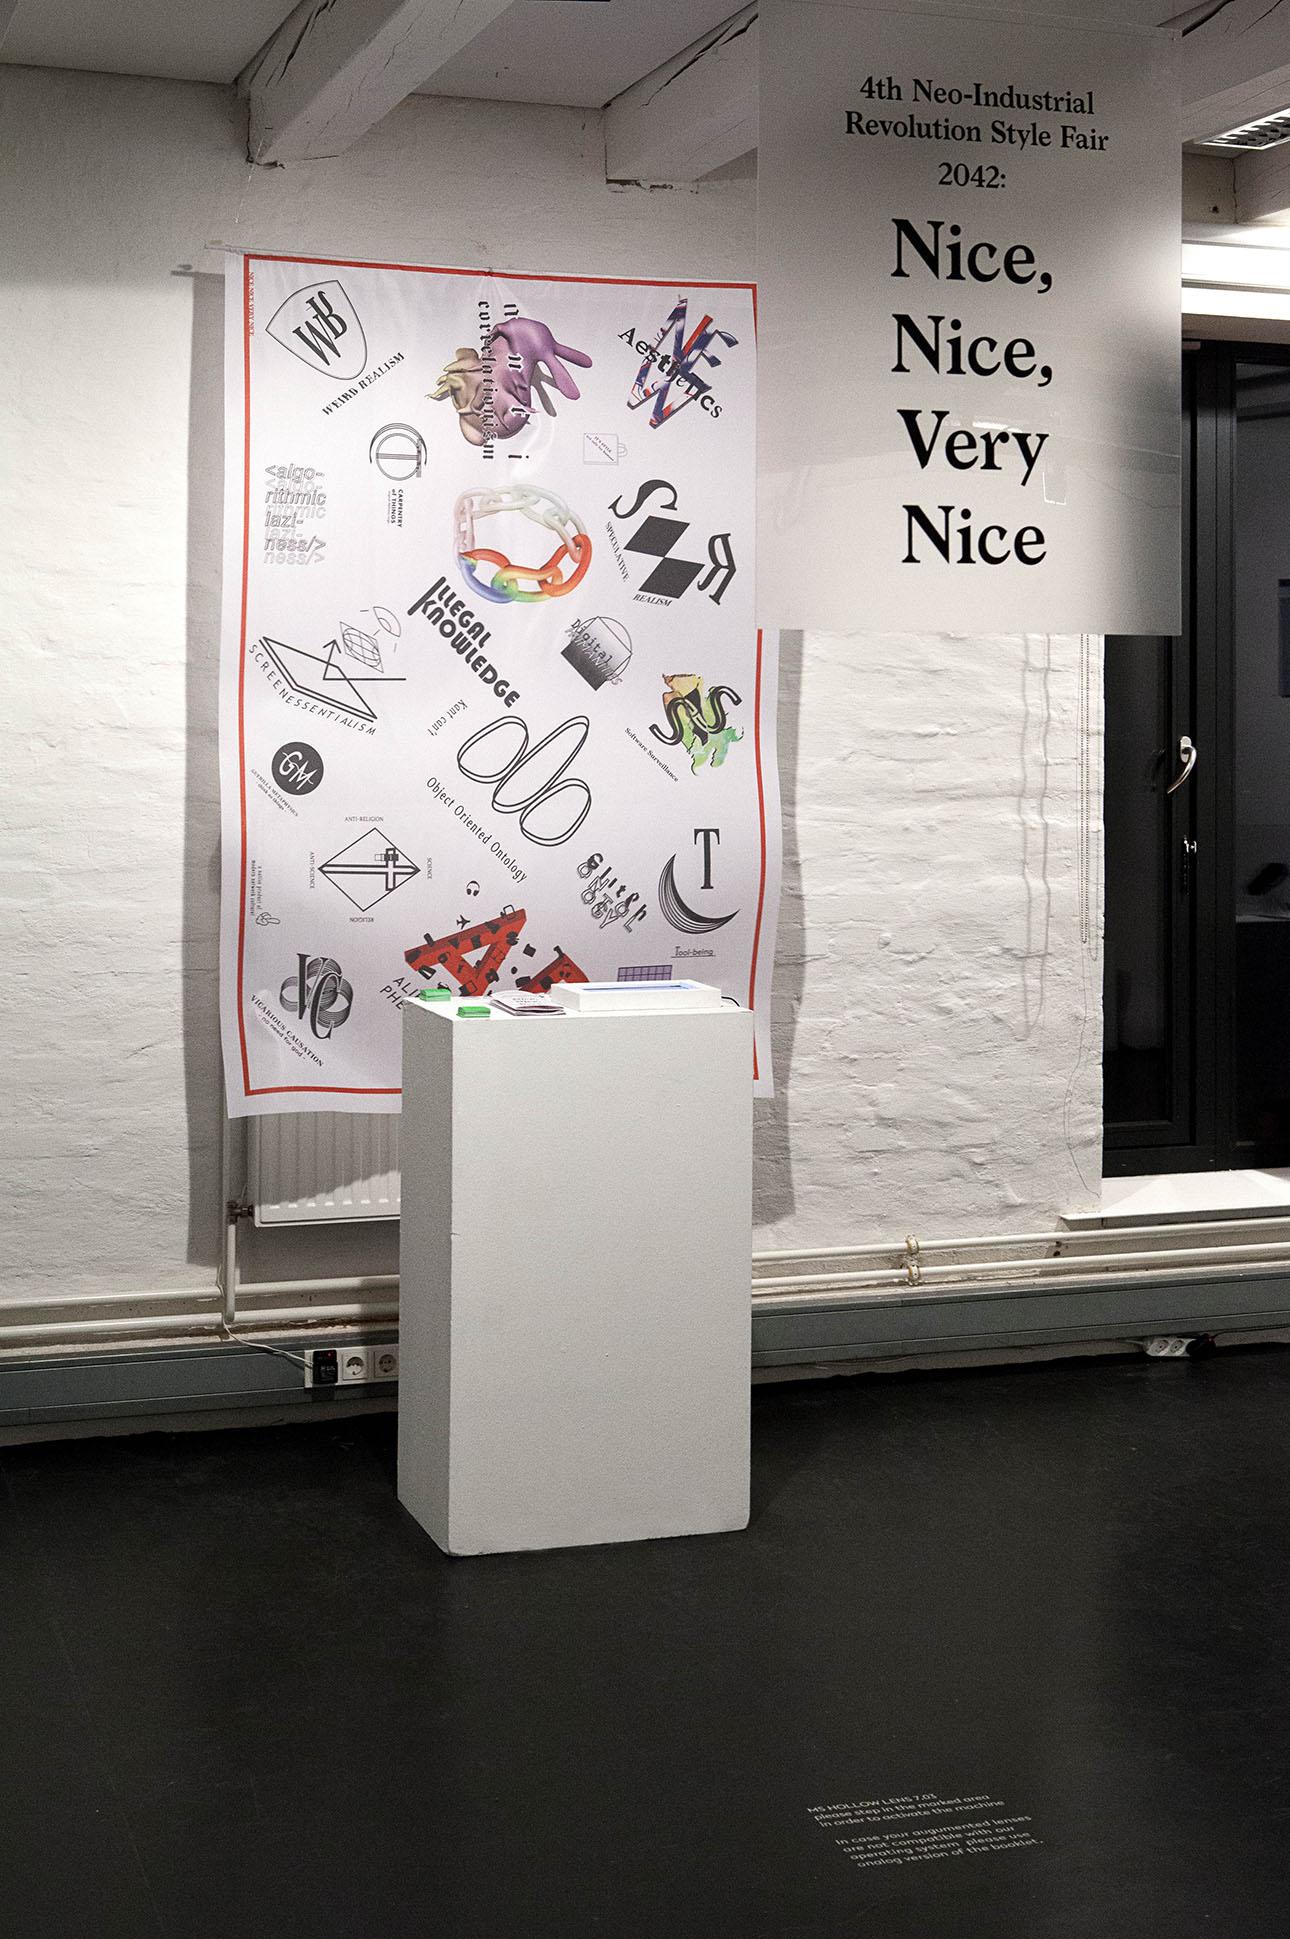 lm-Nice_Nice_Very_Nice-04